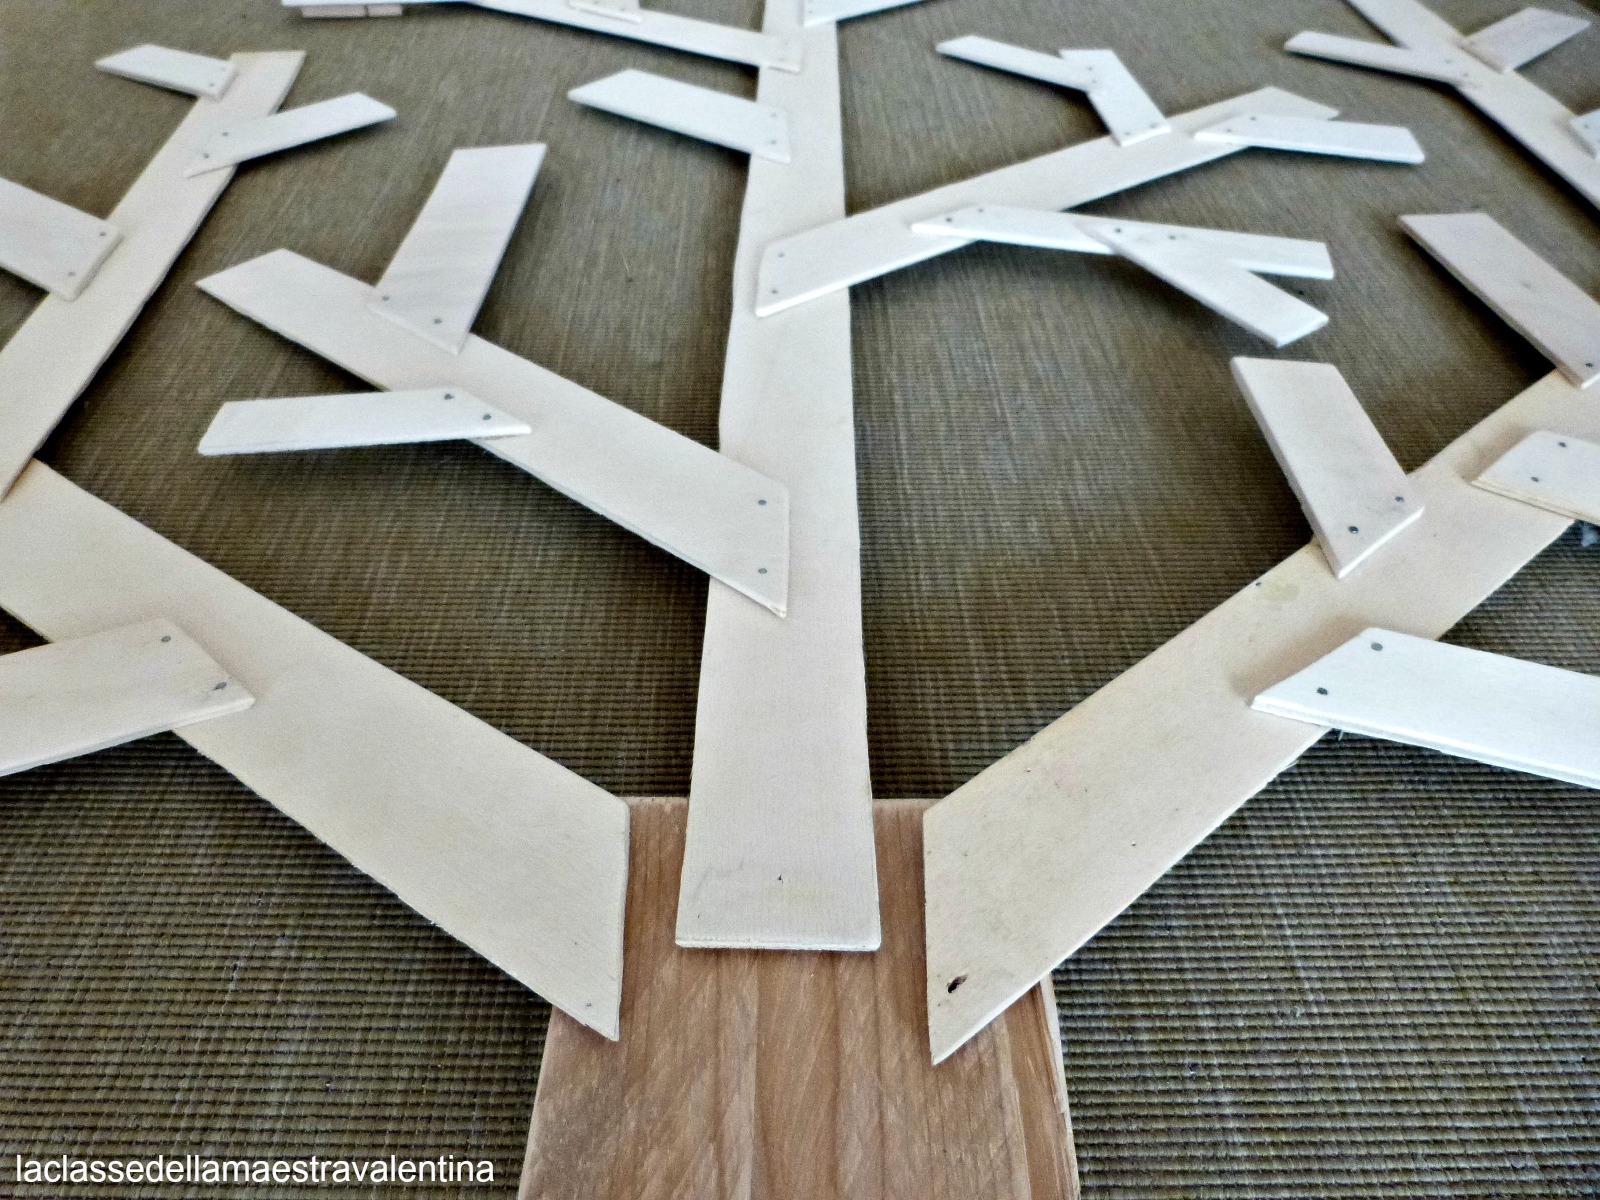 La classe della maestra valentina l 39 albero delle stagioni - Rami di legno decorativi ...